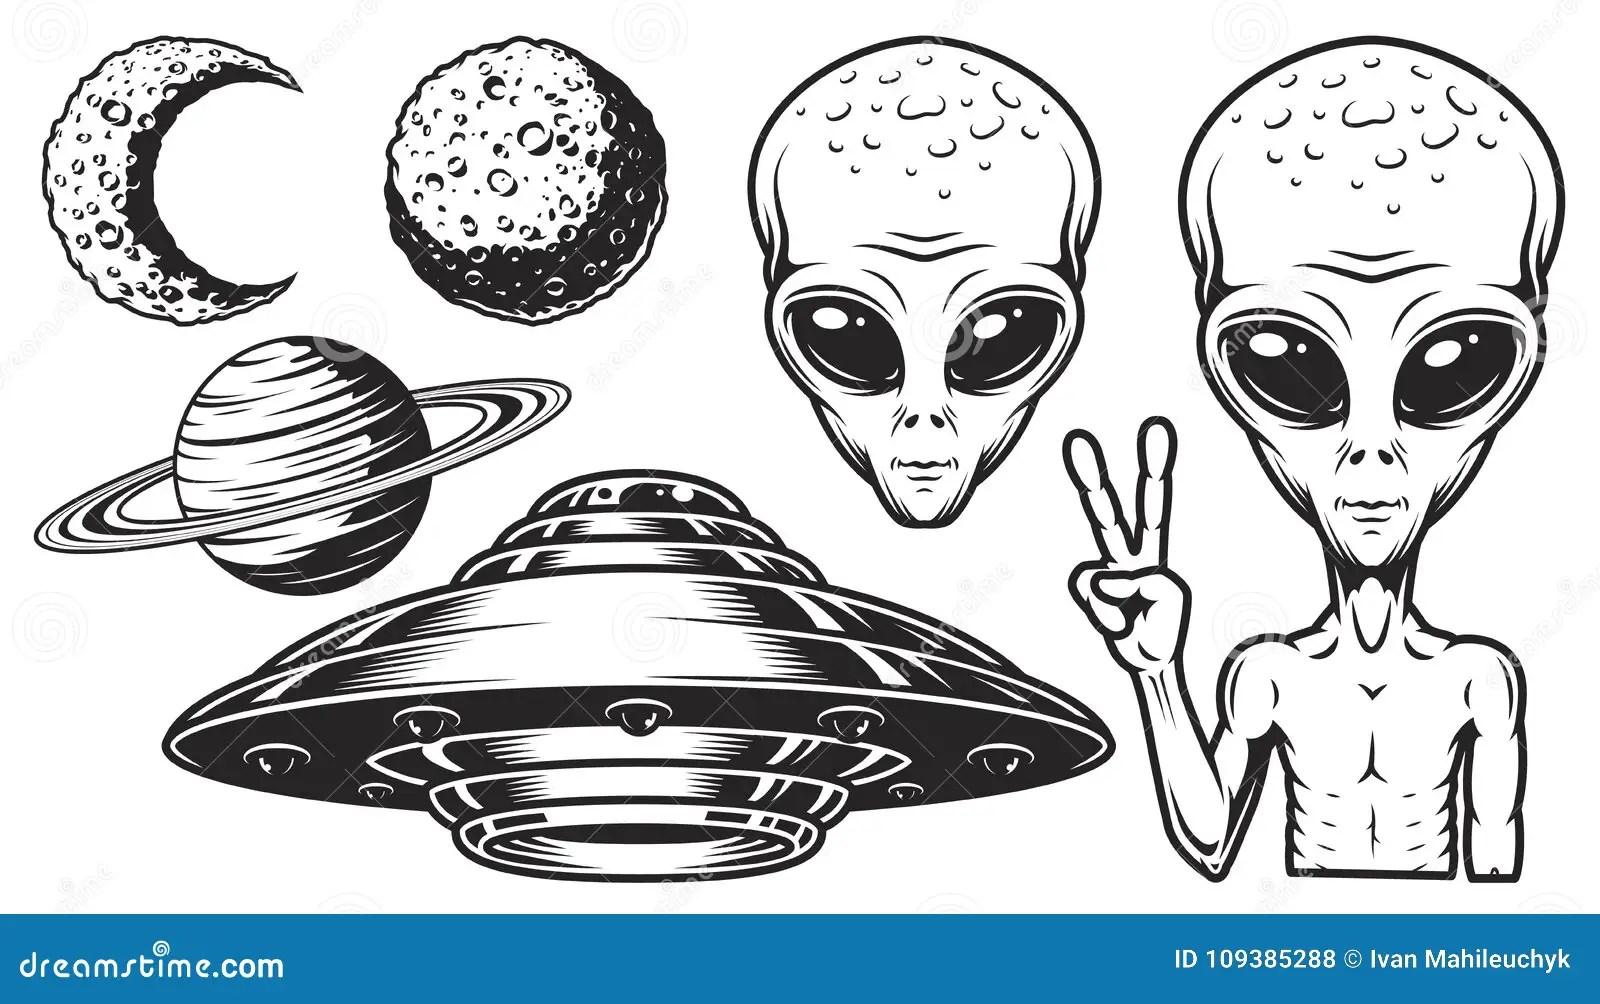 E T Alien